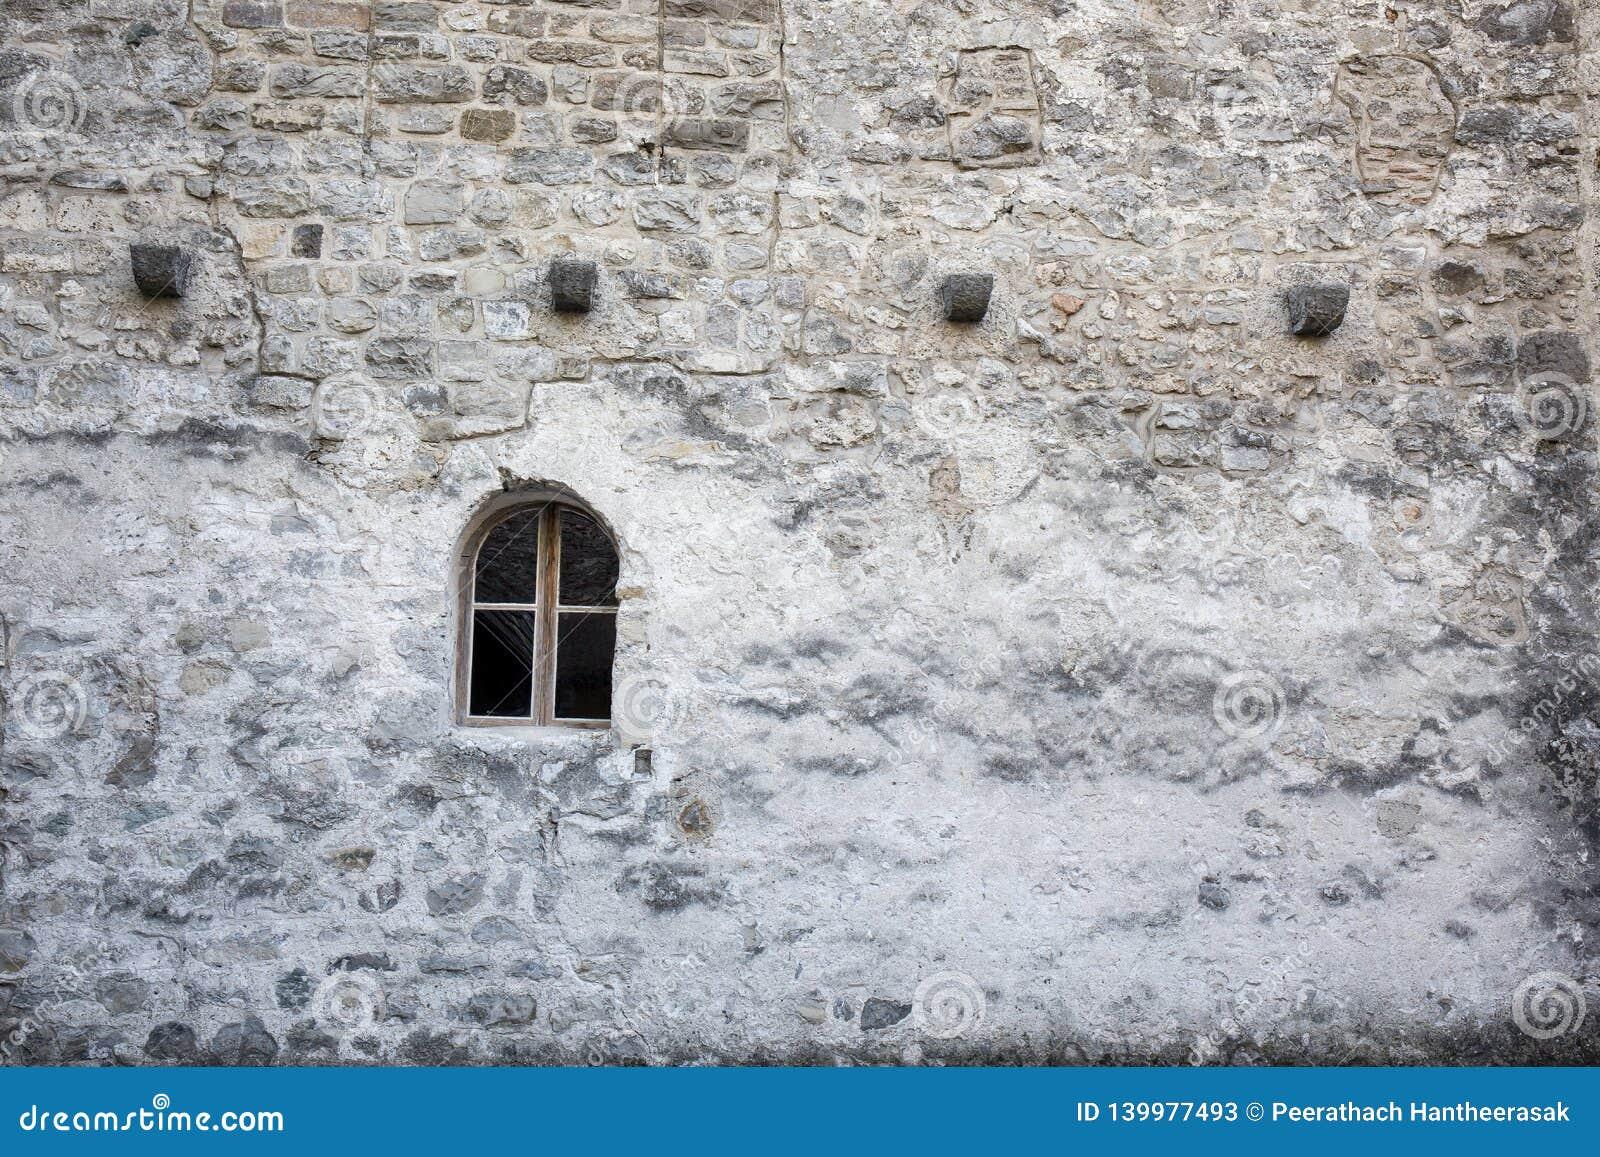 Venster op de muur bij Chillon-kasteel - Veytaux, Zwitserland